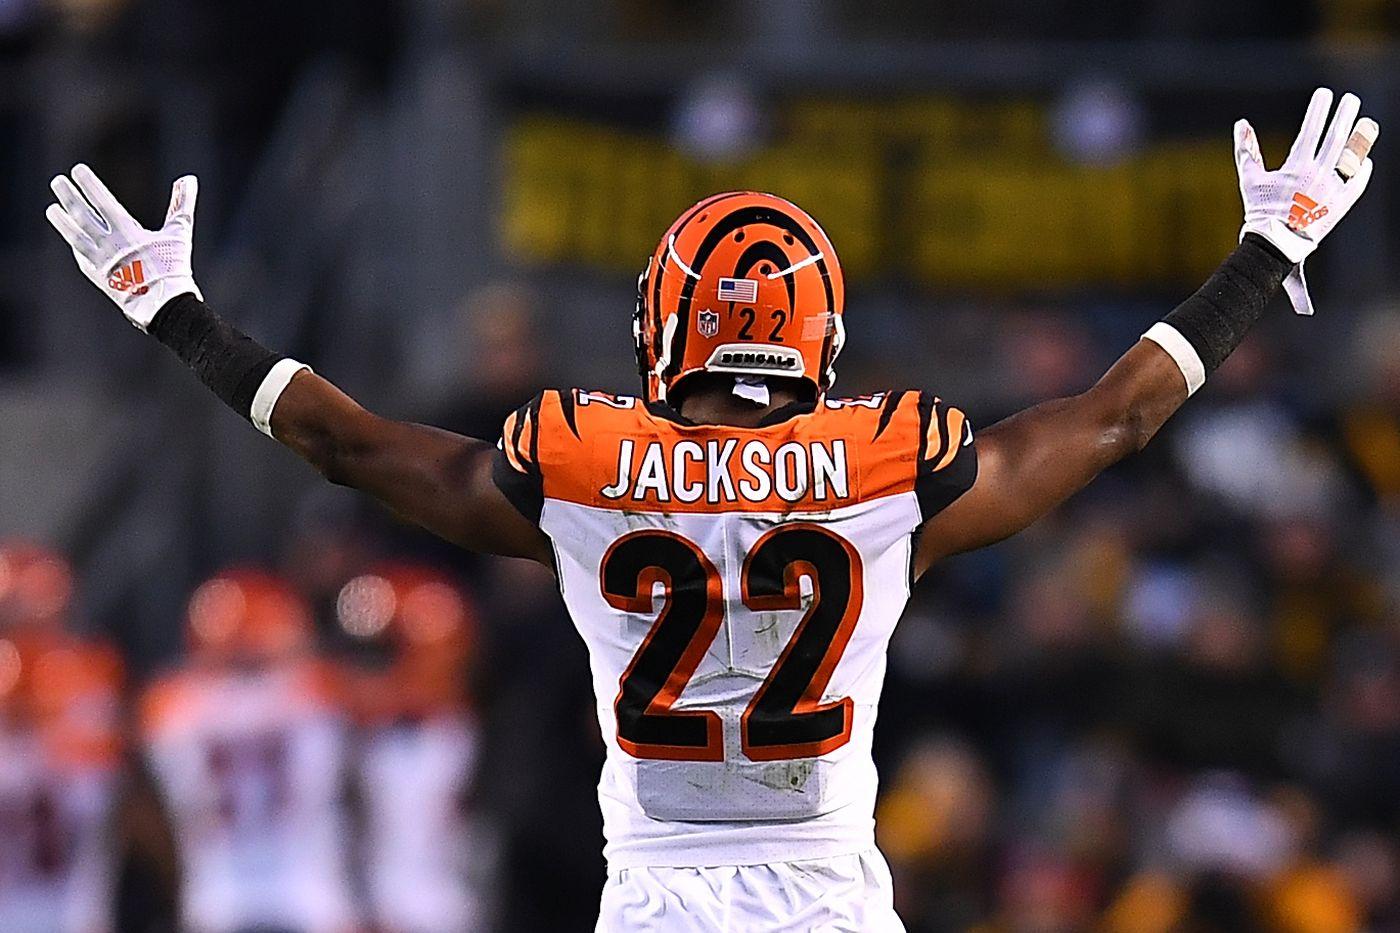 William Jackson Cincinnati Bengals Game Jersey